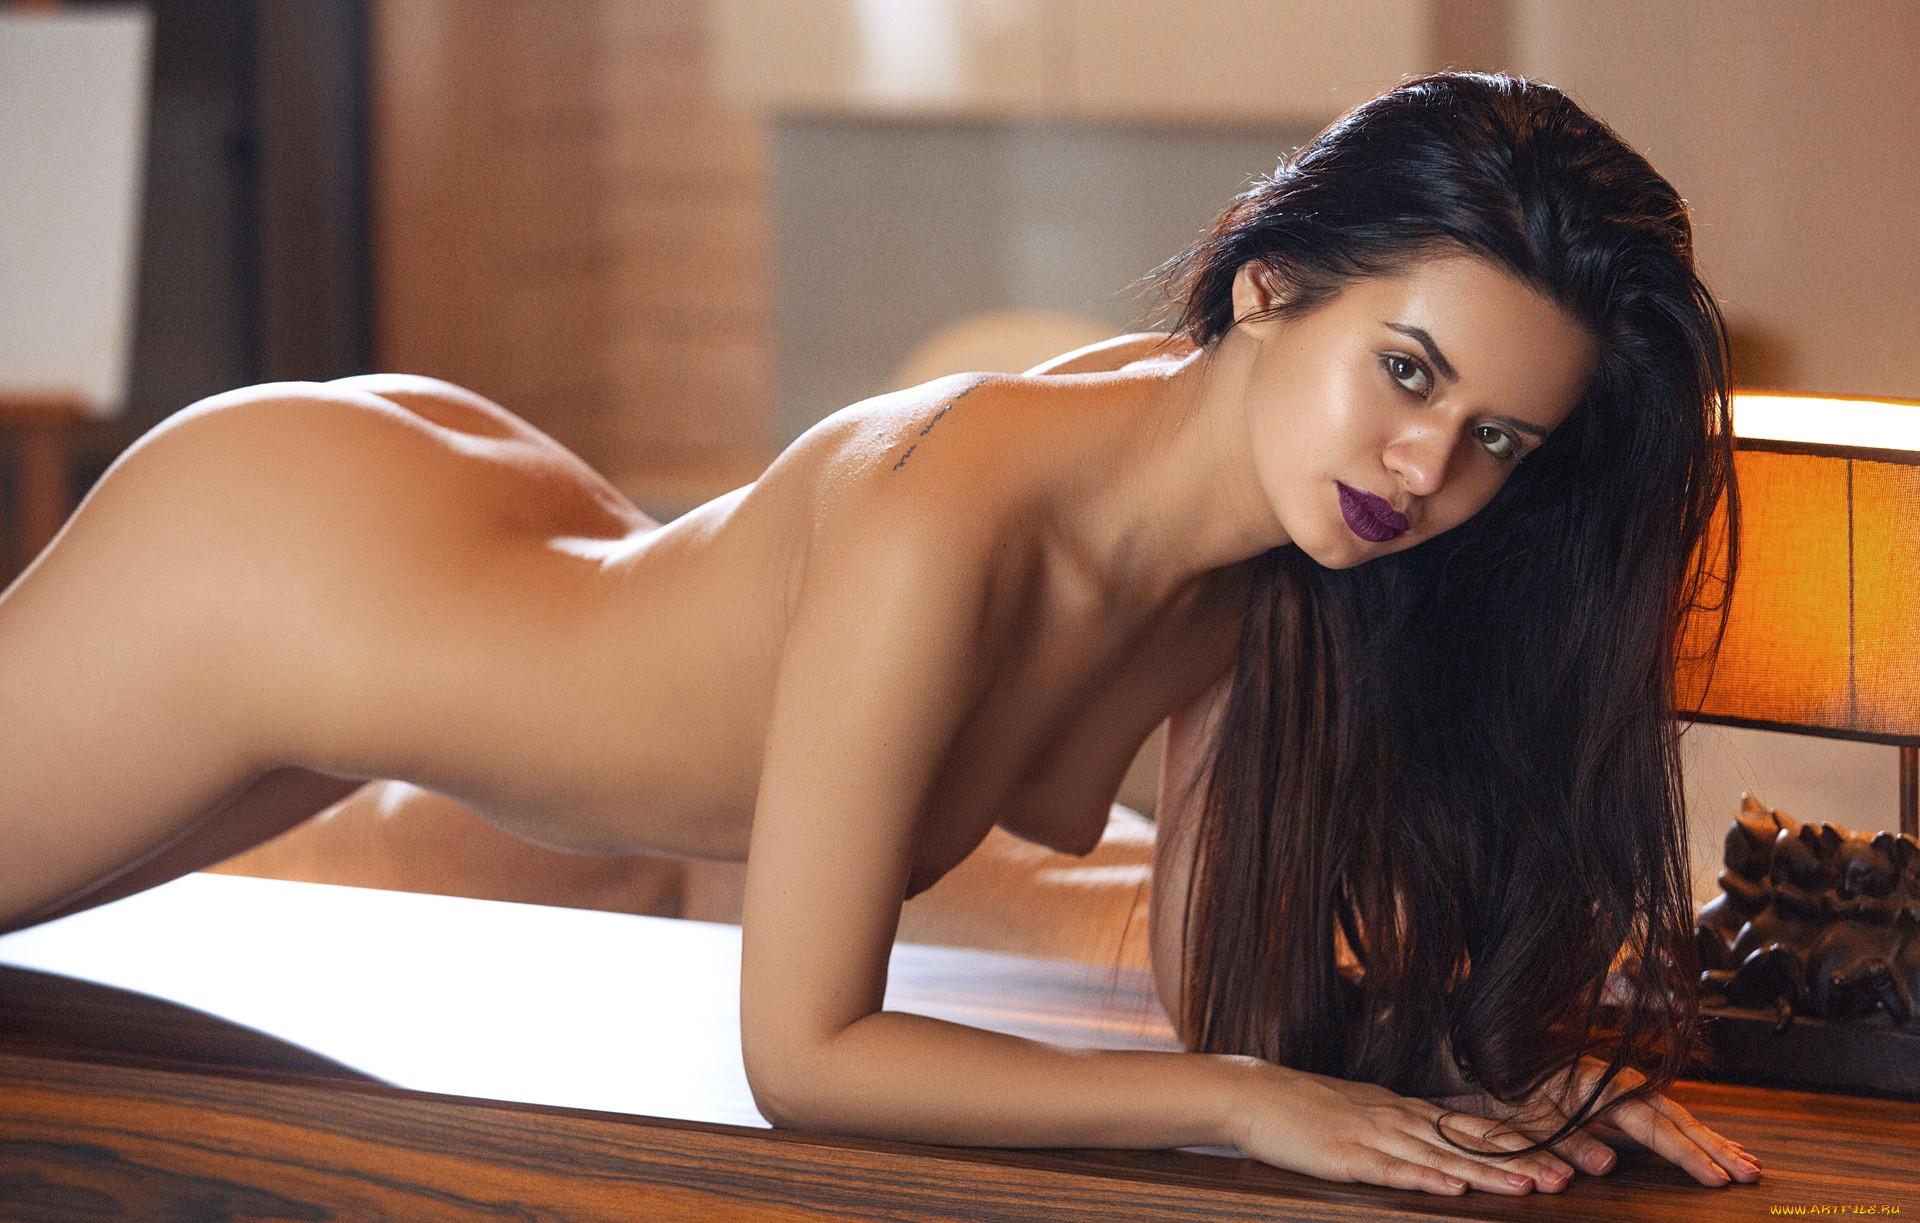 Carmen descar naked